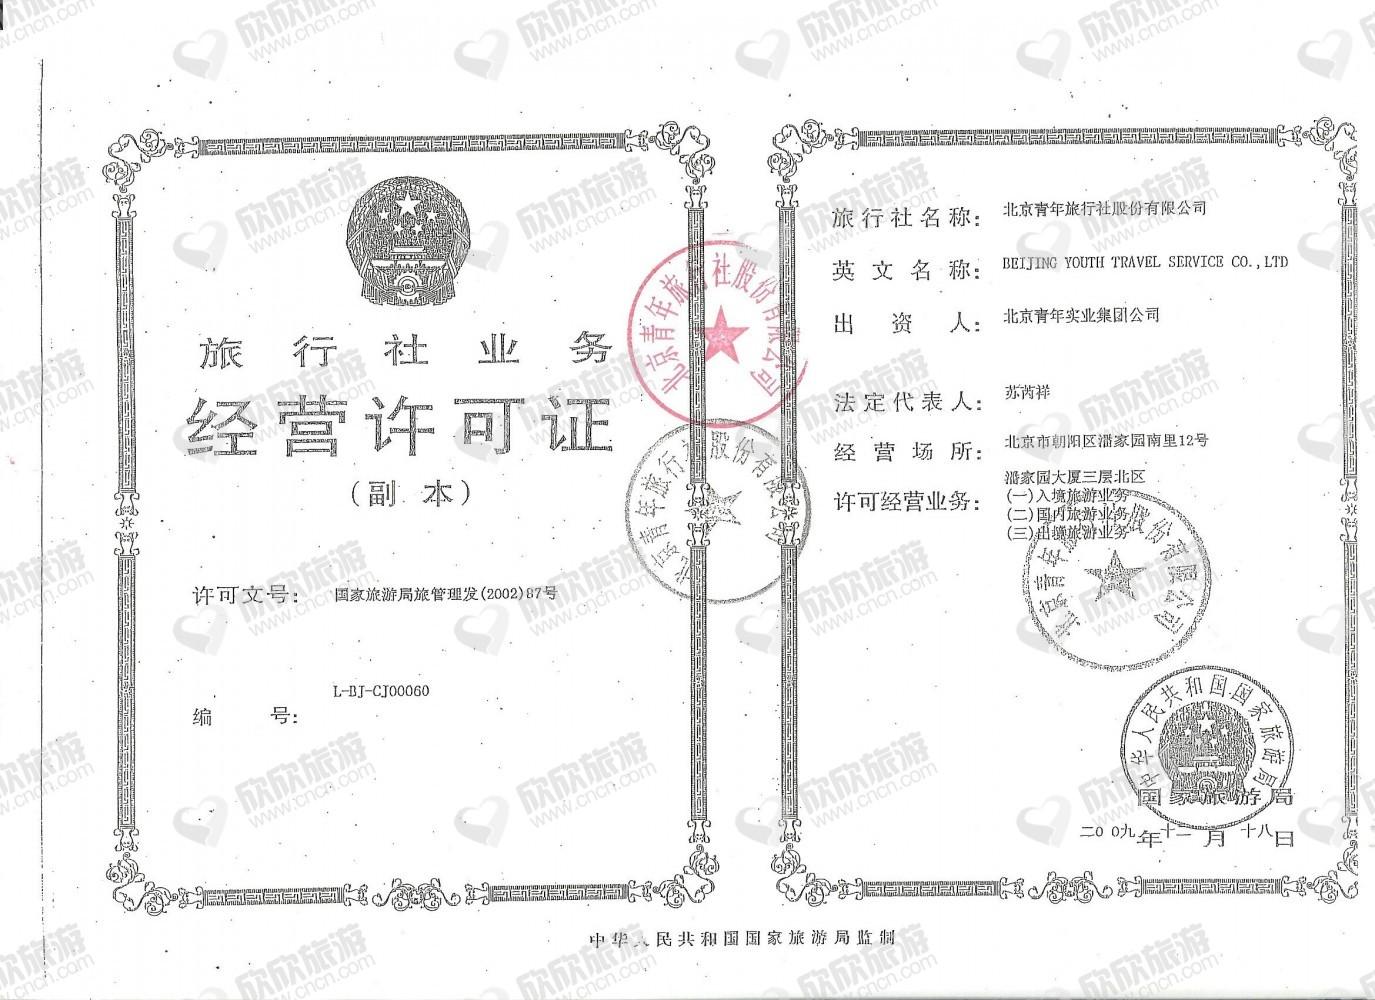 北京青年旅行社股份有限公司经营许可证